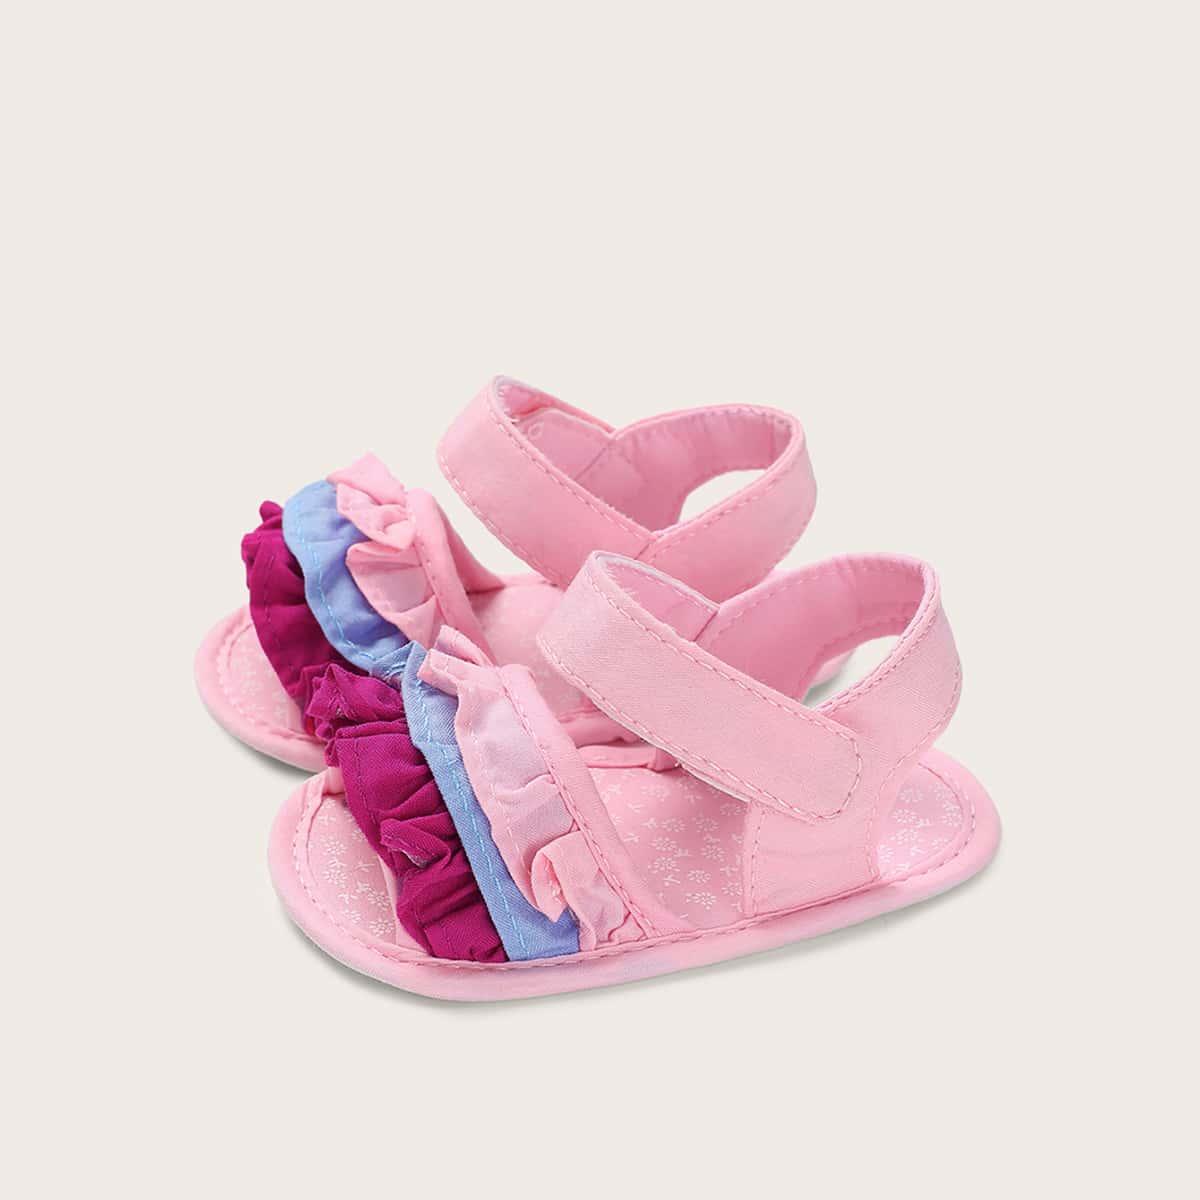 Klittenband sandalen met laagjeslaag voor babymeisjes